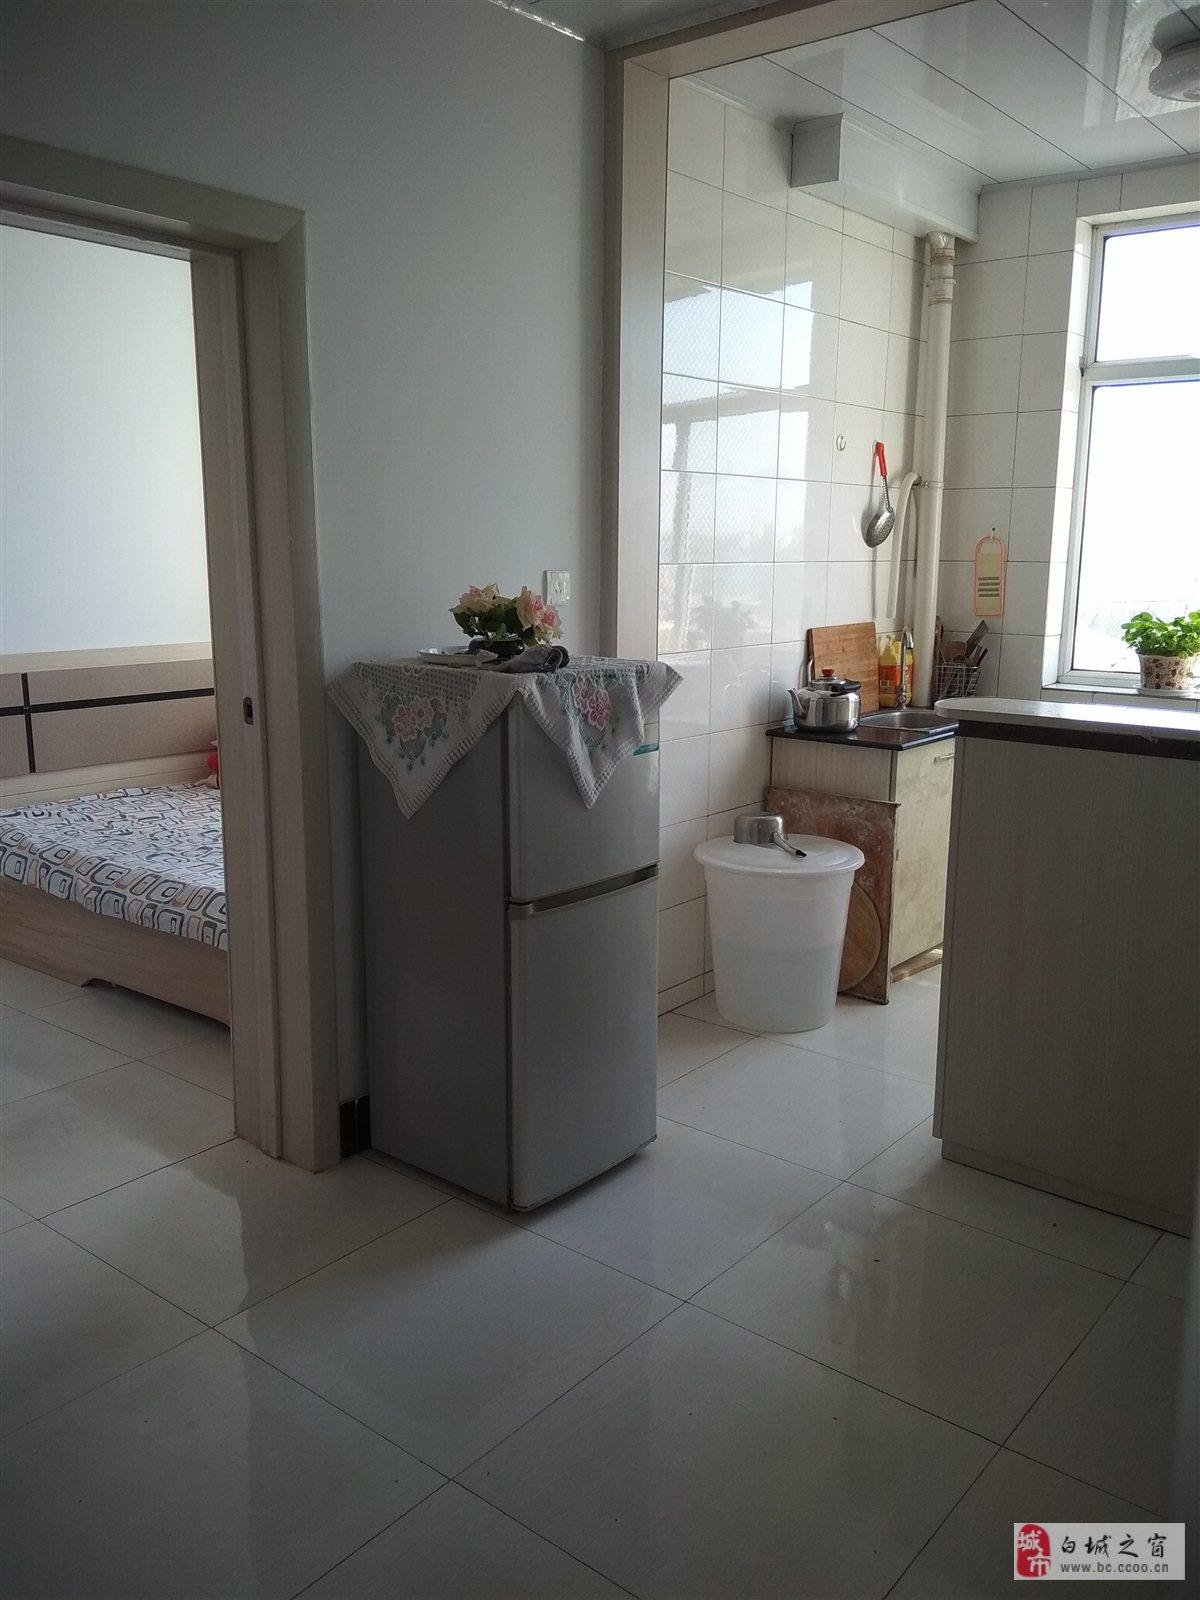 吉鹤苑2室 1厅 1卫19万元